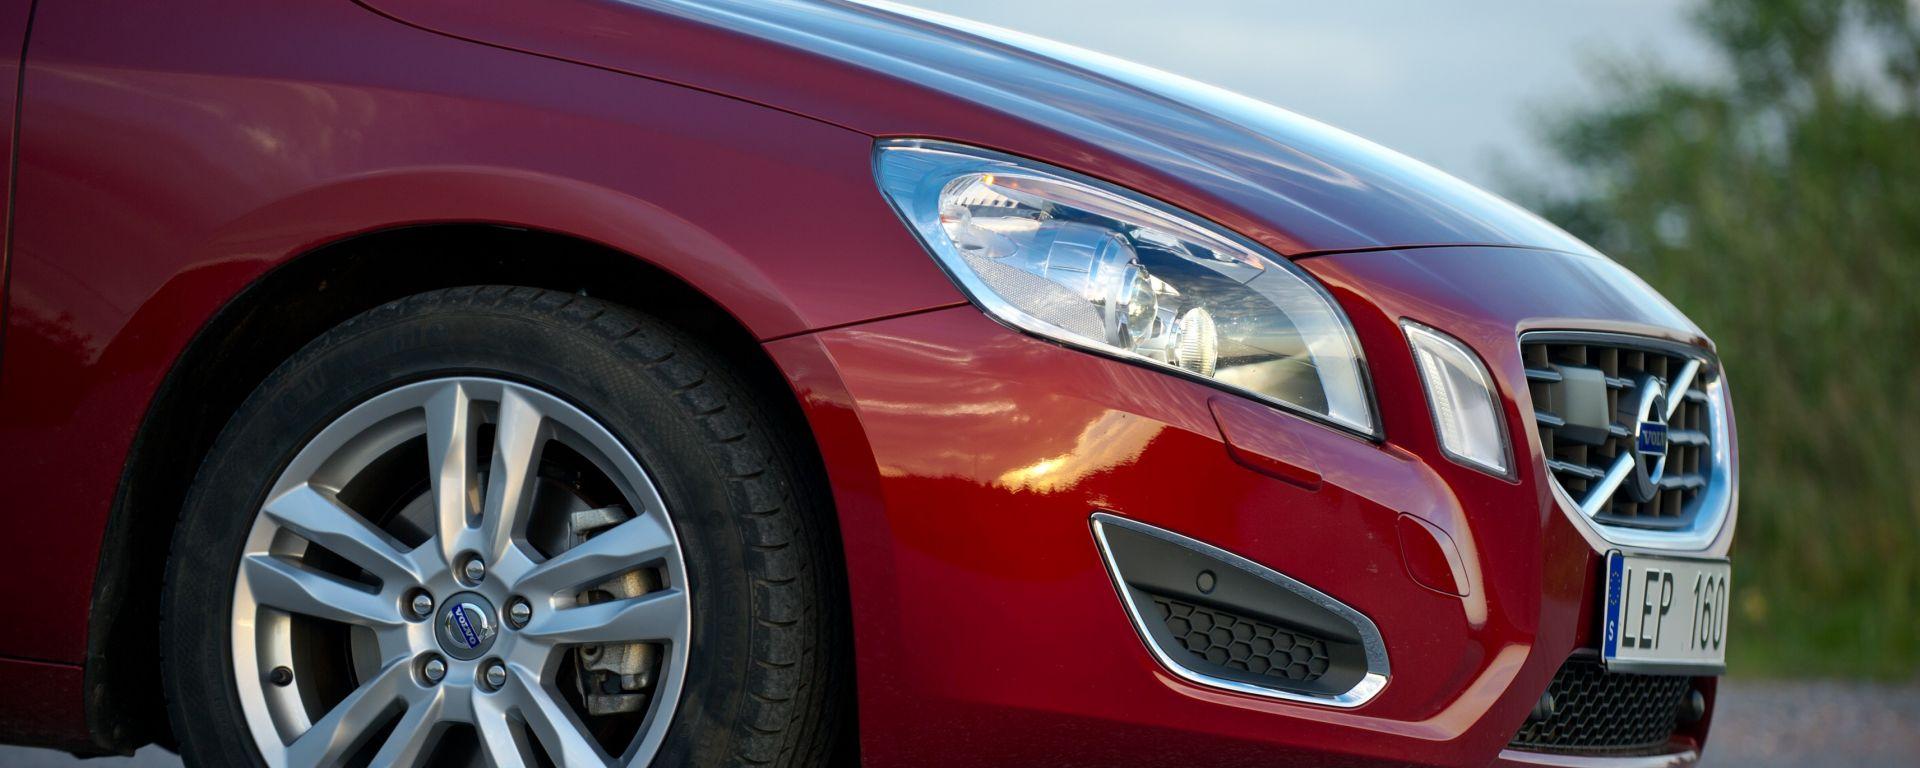 Volvo MY 2013: arriva il motore D3 da 136 cv